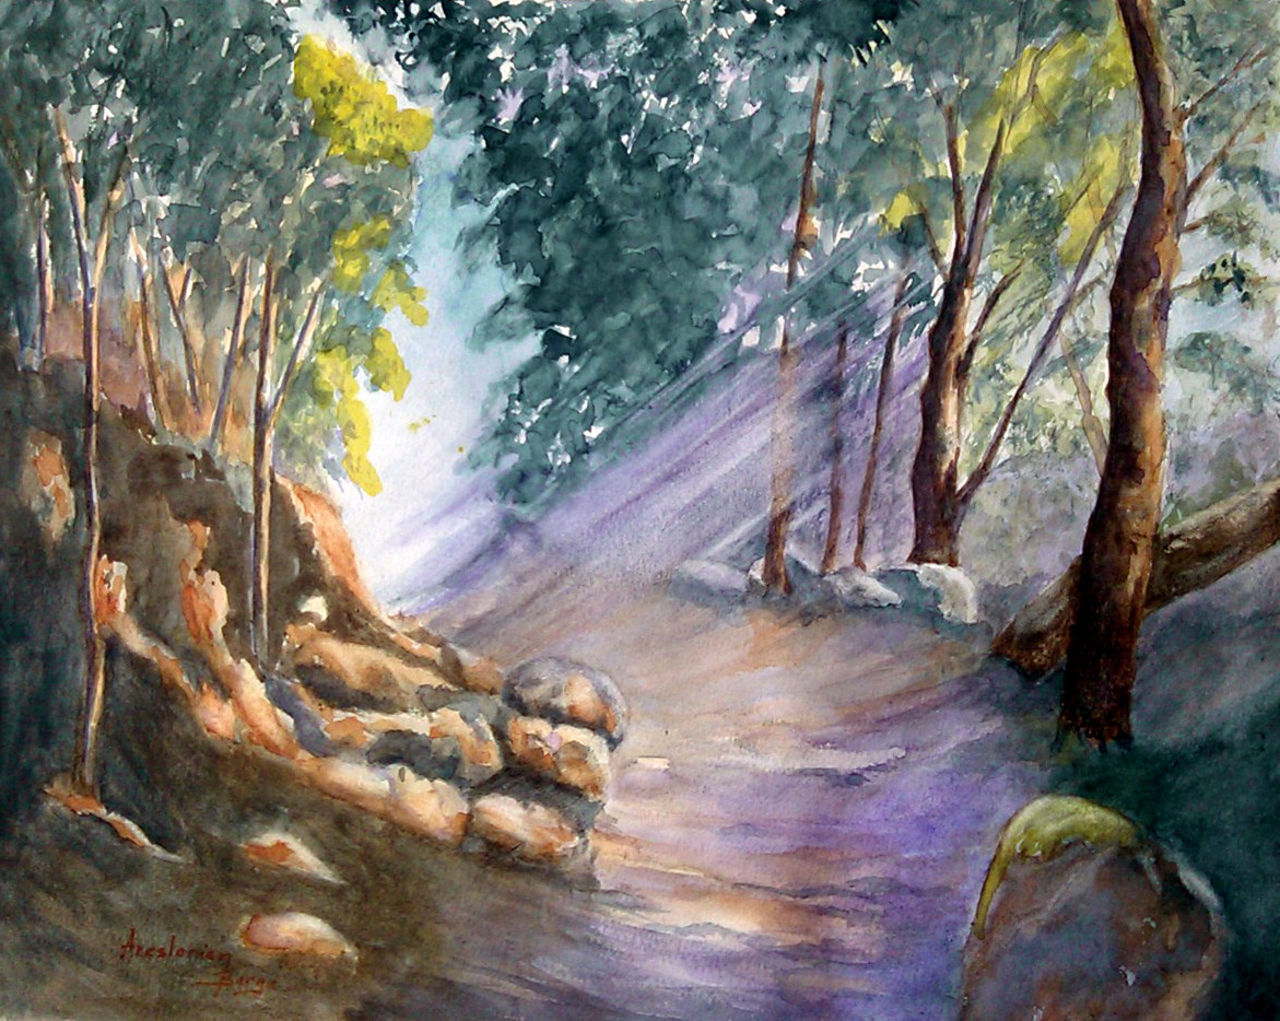 ARESLANIAN Berge IMAG0163 (1)